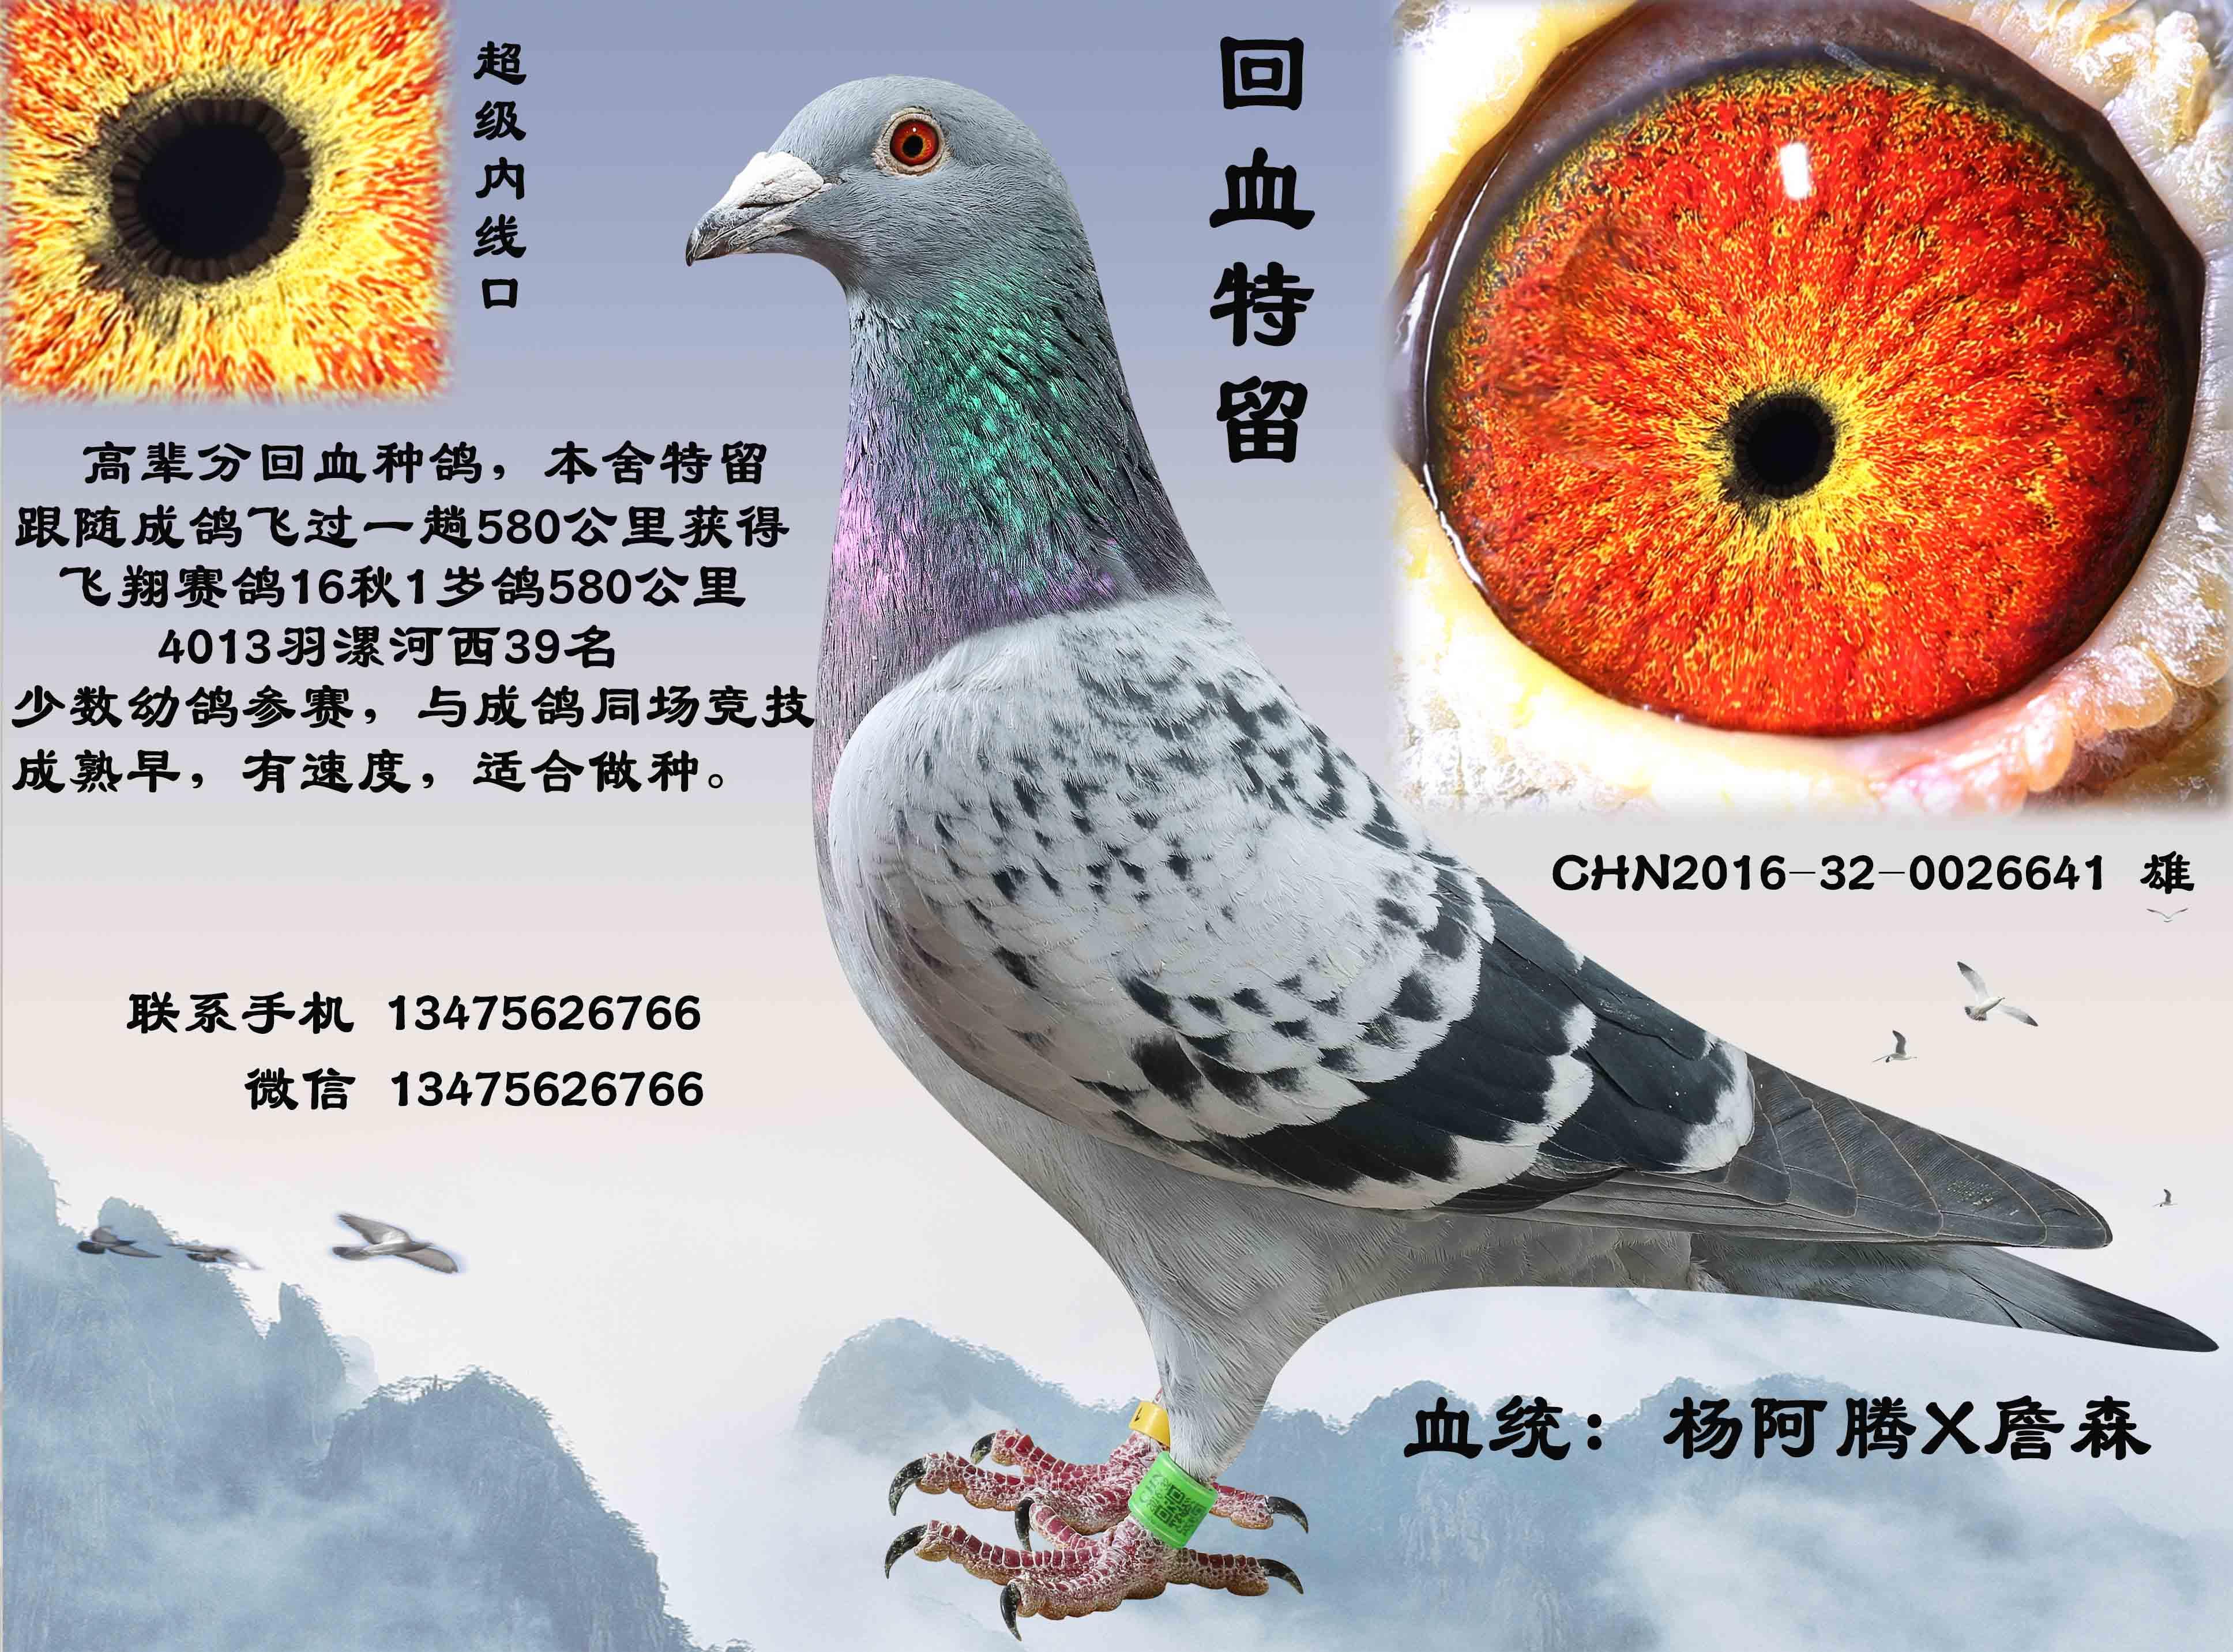 教学鸽动物大象演奏鸟乐曲3872_2865七下乐器音乐鸽子用什么鸟类图示图片